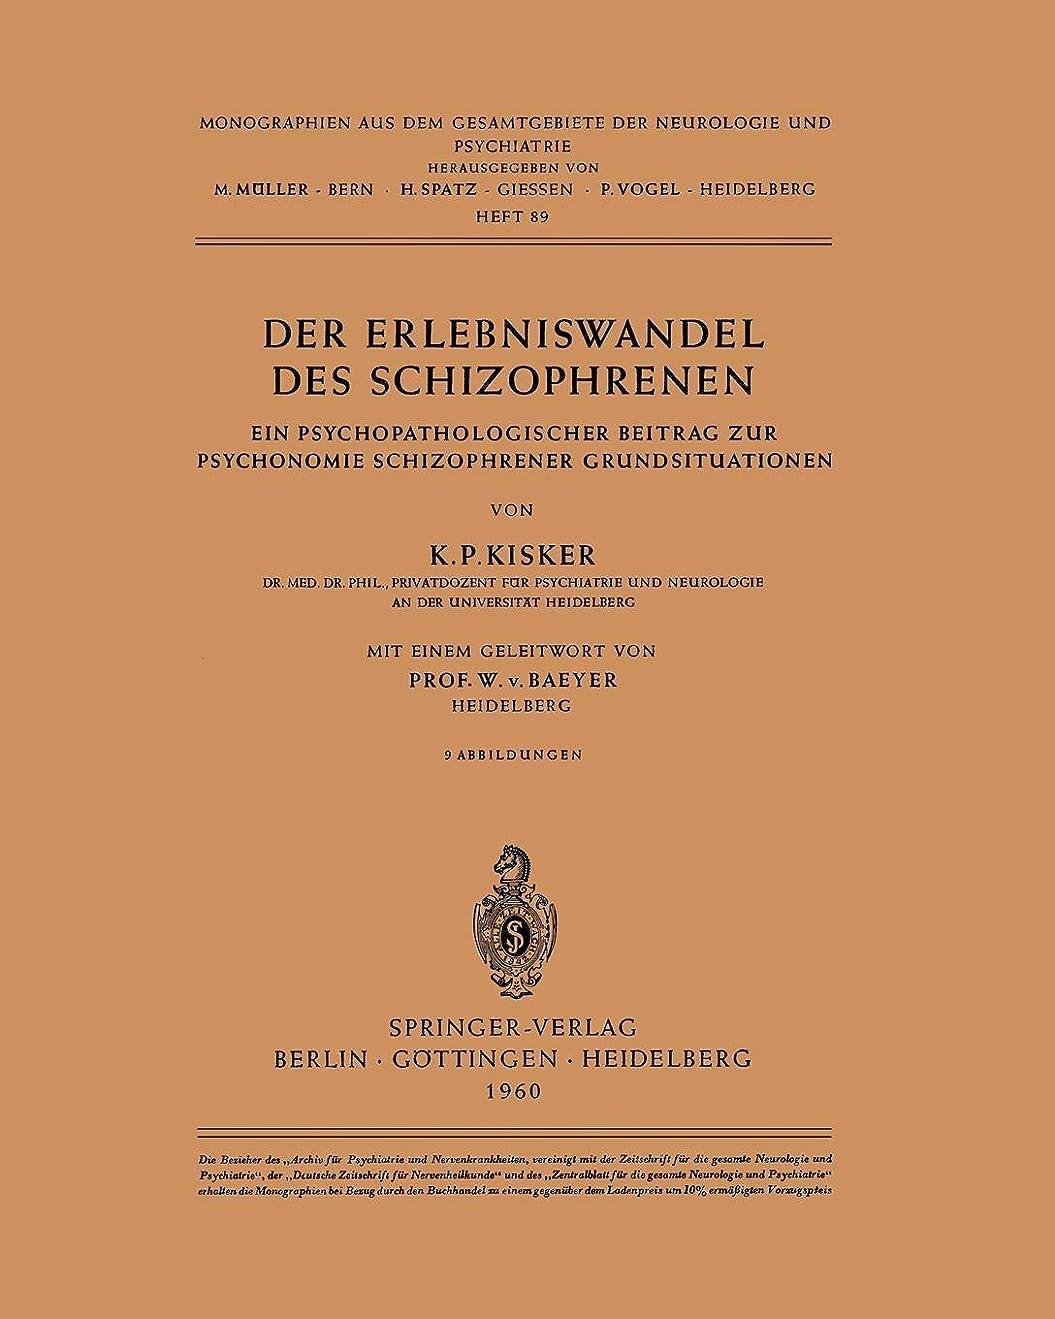 の最大満足させるDer Erlebniswandel des Schizophrenen: Ein psychopathologischer Beitrag zur Psychonomie schizophrener Grundsituationen (Monographien aus dem Gesamtgebiete der Neurologie und Psychiatrie)